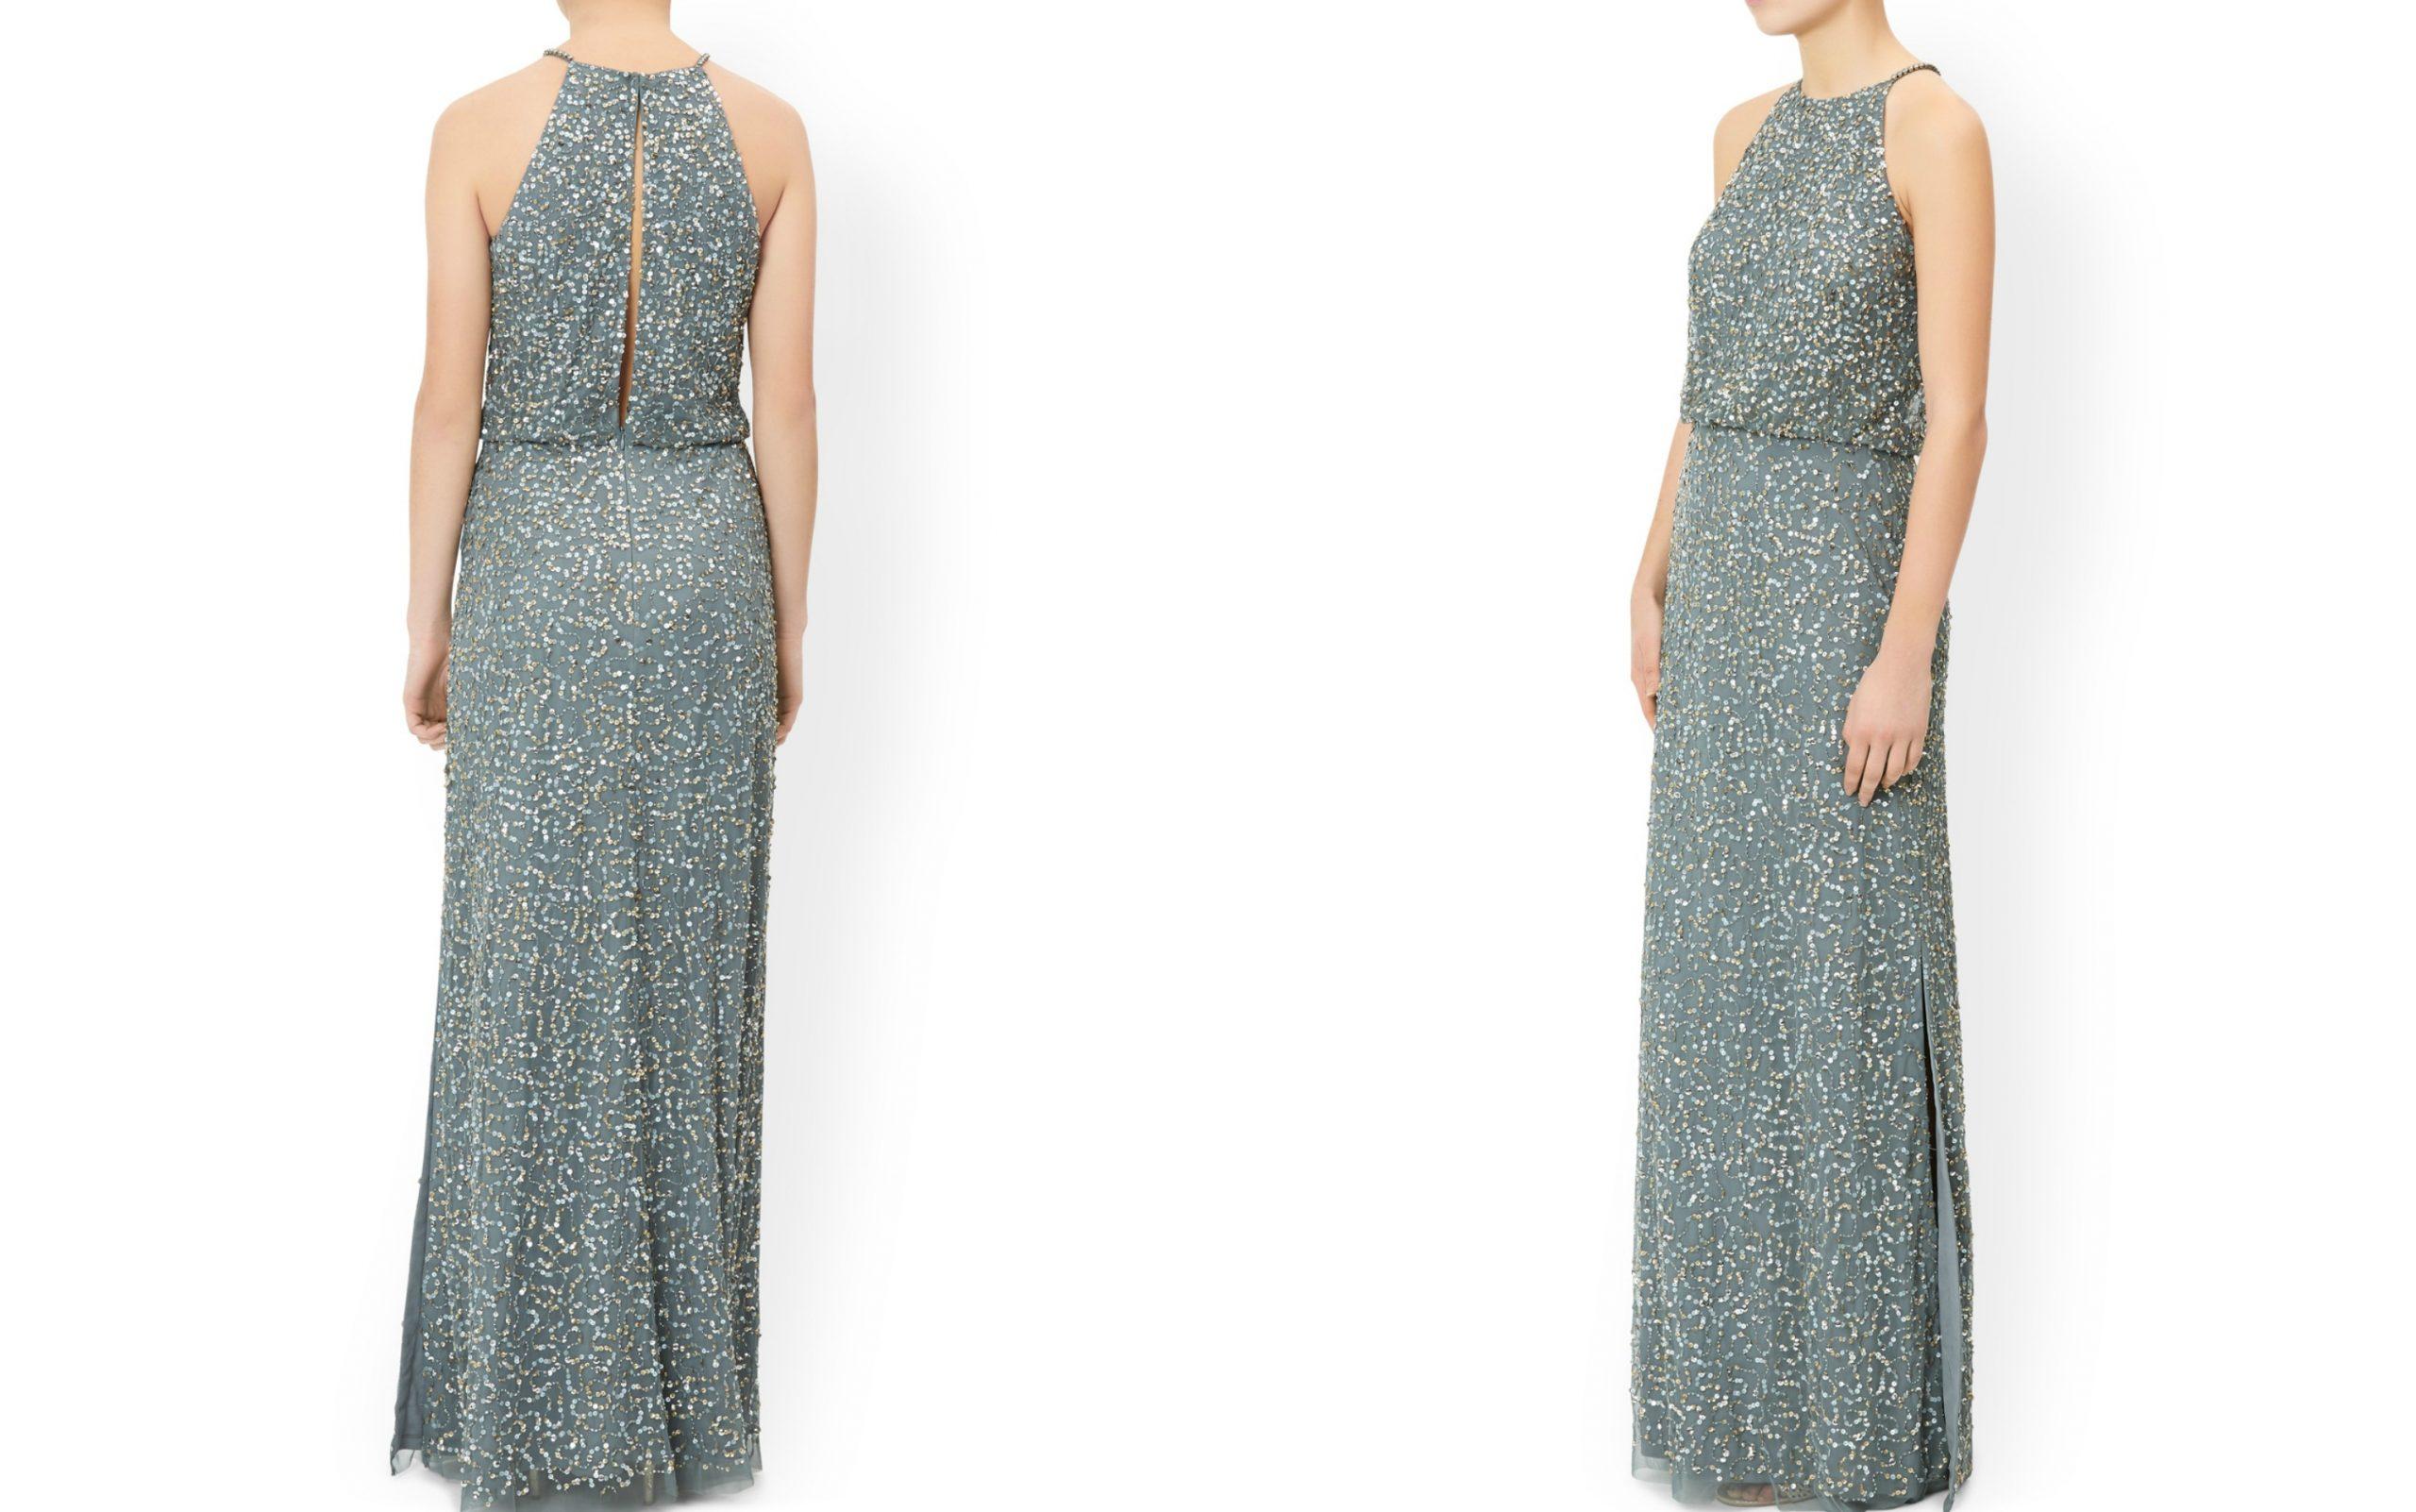 15 Elegant Abendkleid Fair SpezialgebietAbend Großartig Abendkleid Fair für 2019